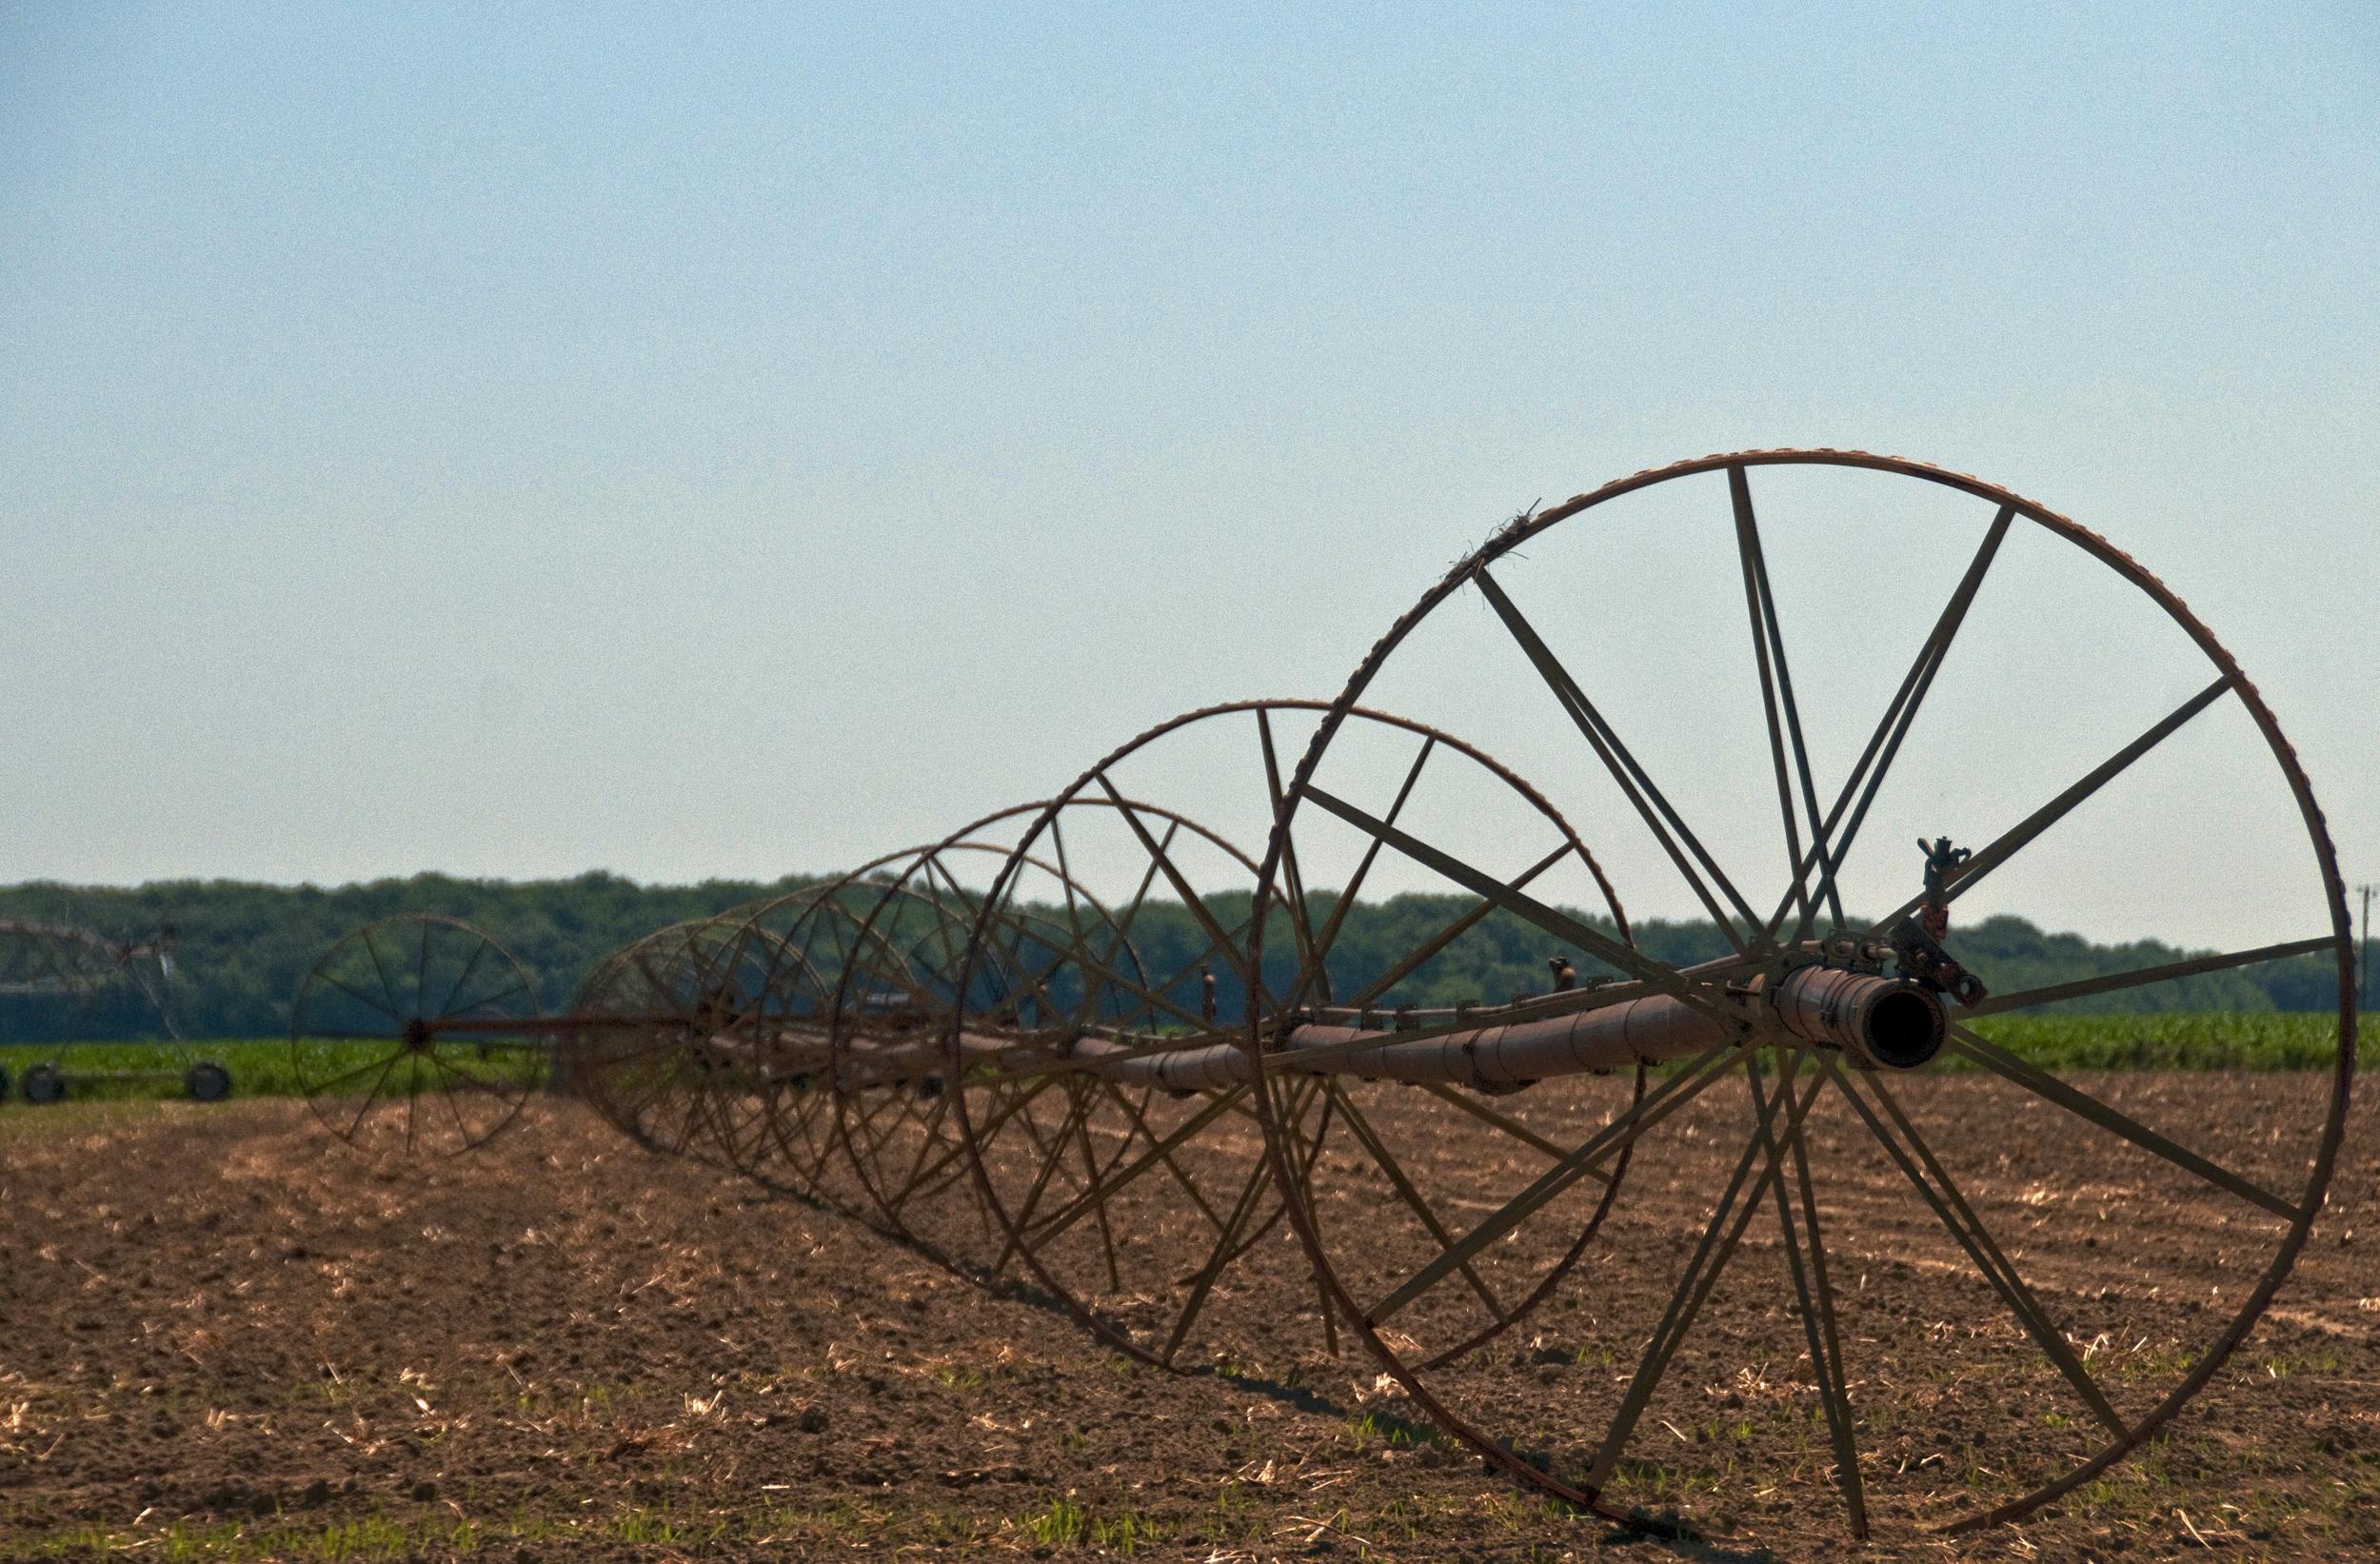 irrigator near Smyrna, De.